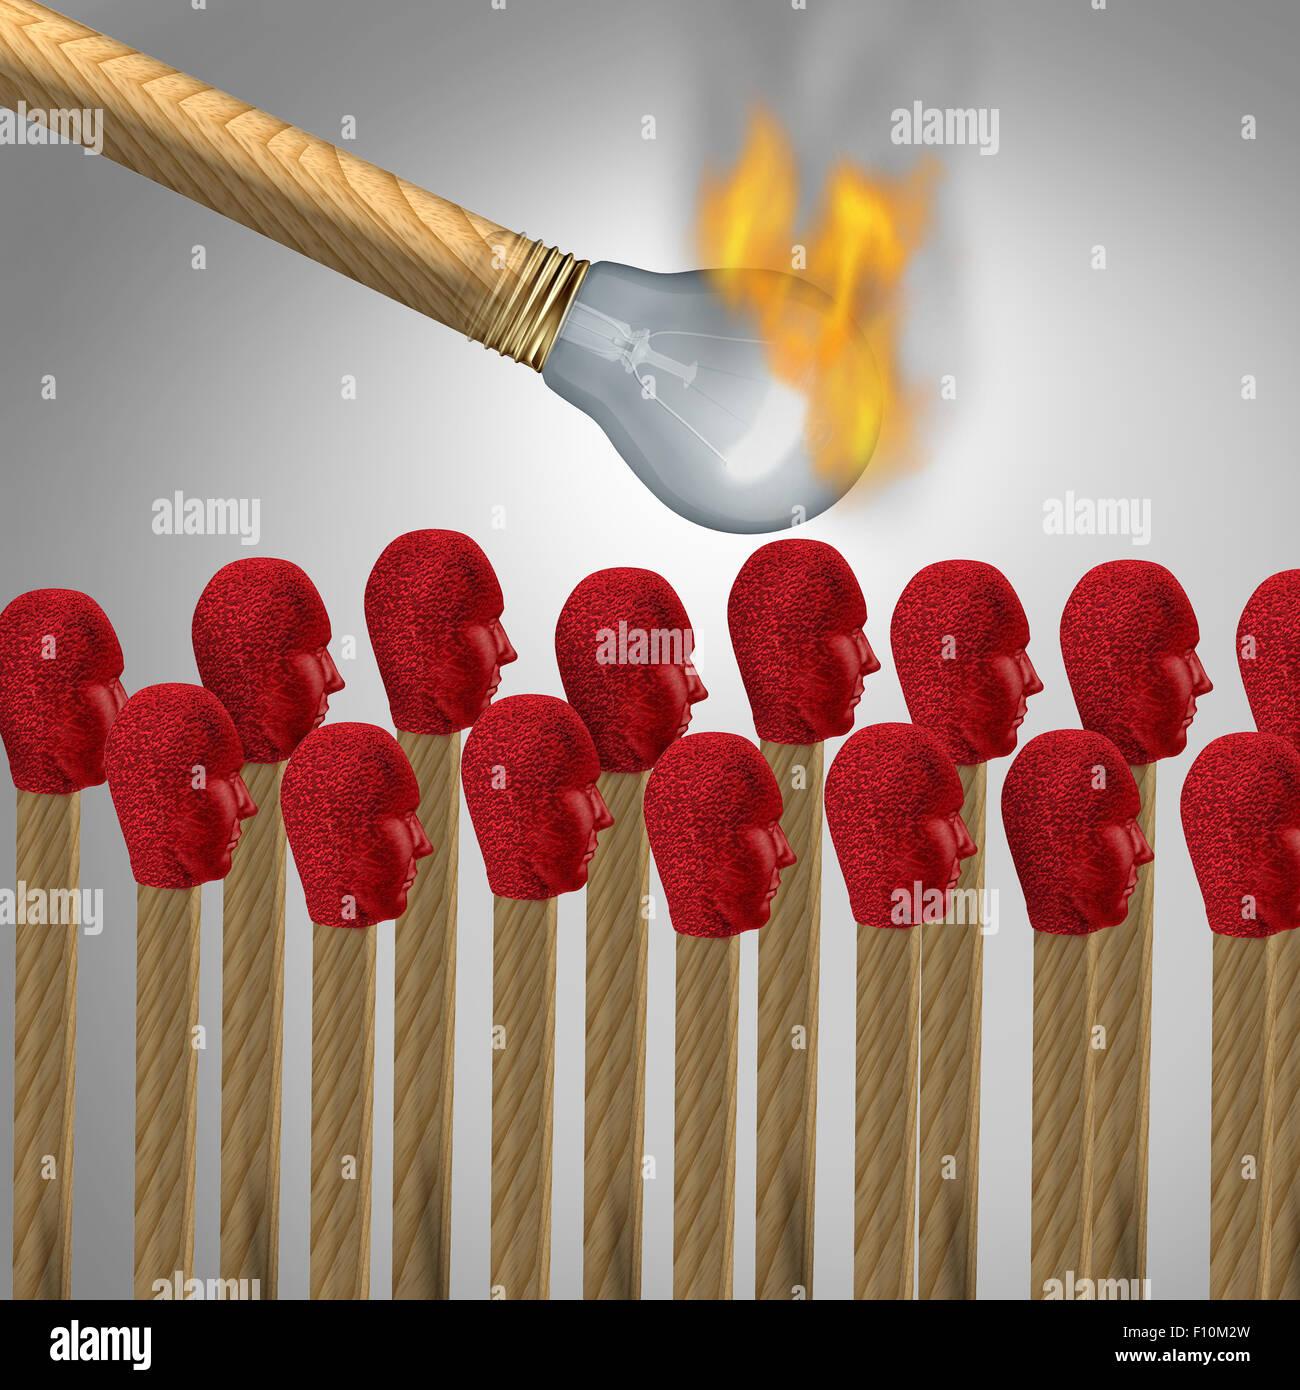 Des idées qui s'concept comme un symbole de marketing viral et la diffusion d'une idée populaire Photo Stock